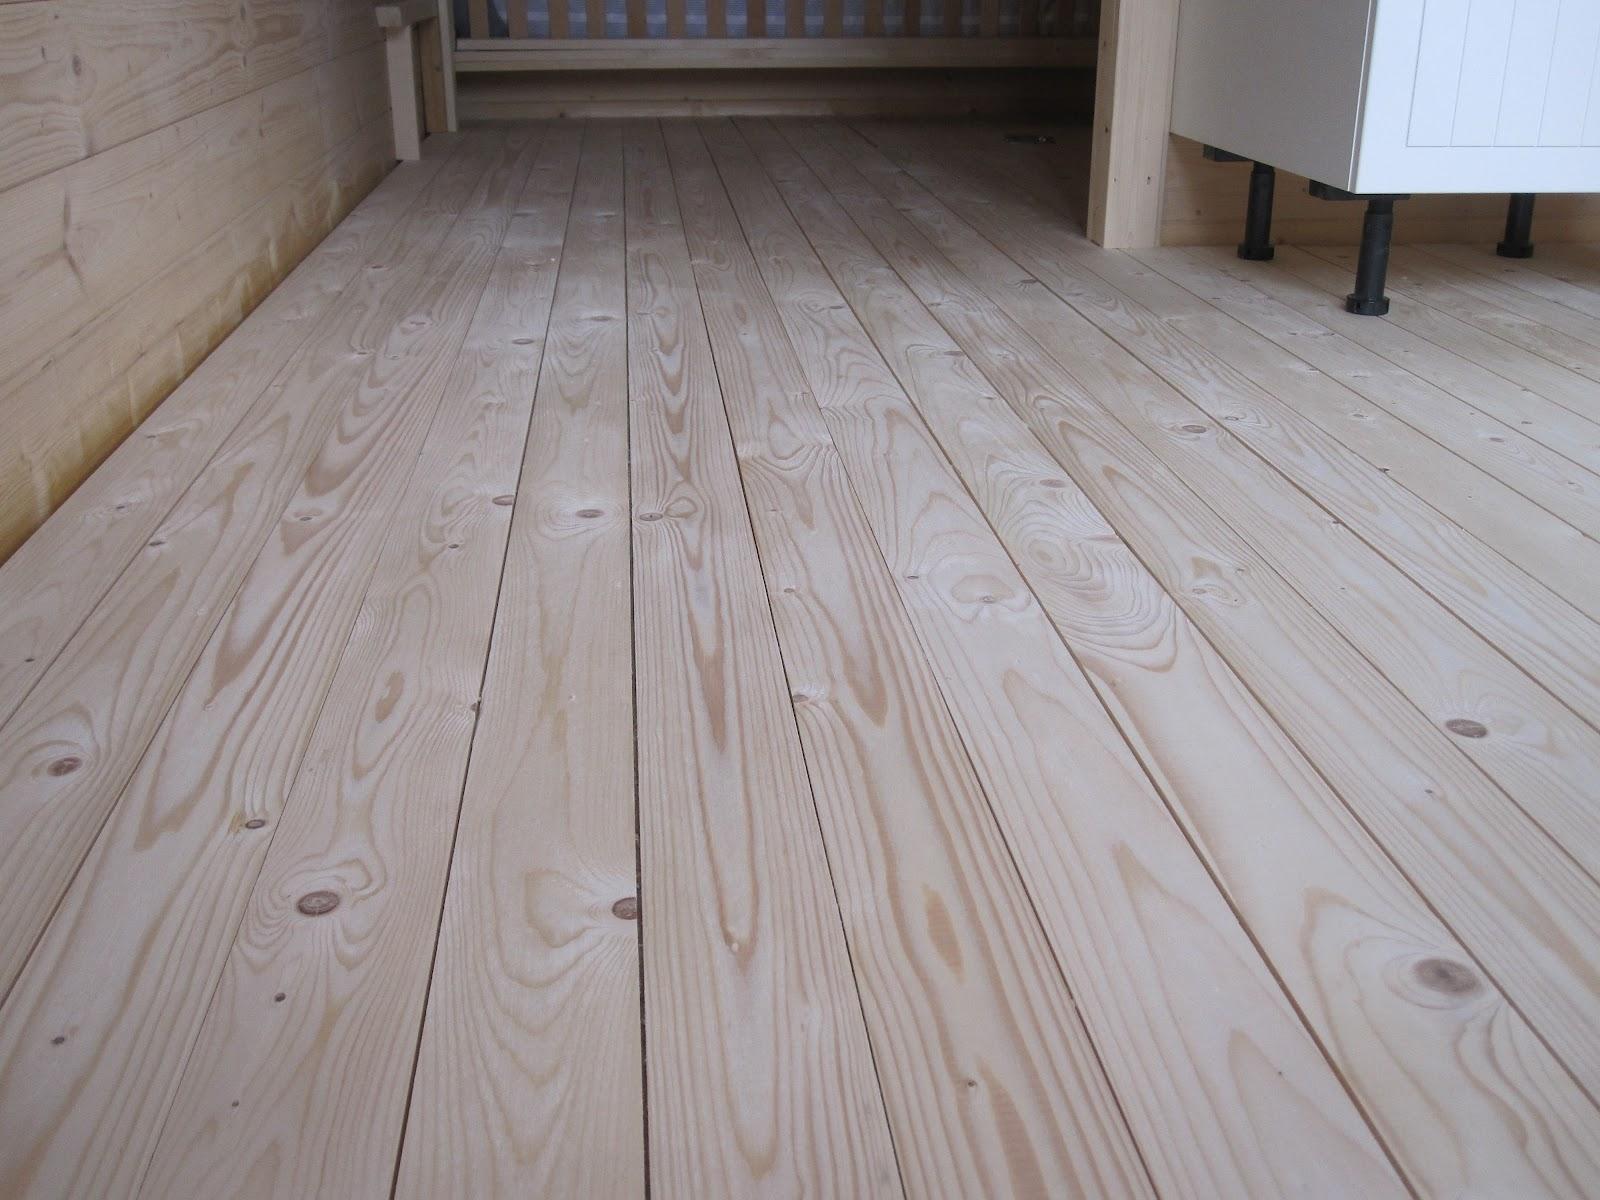 Interiørbeis på gulv